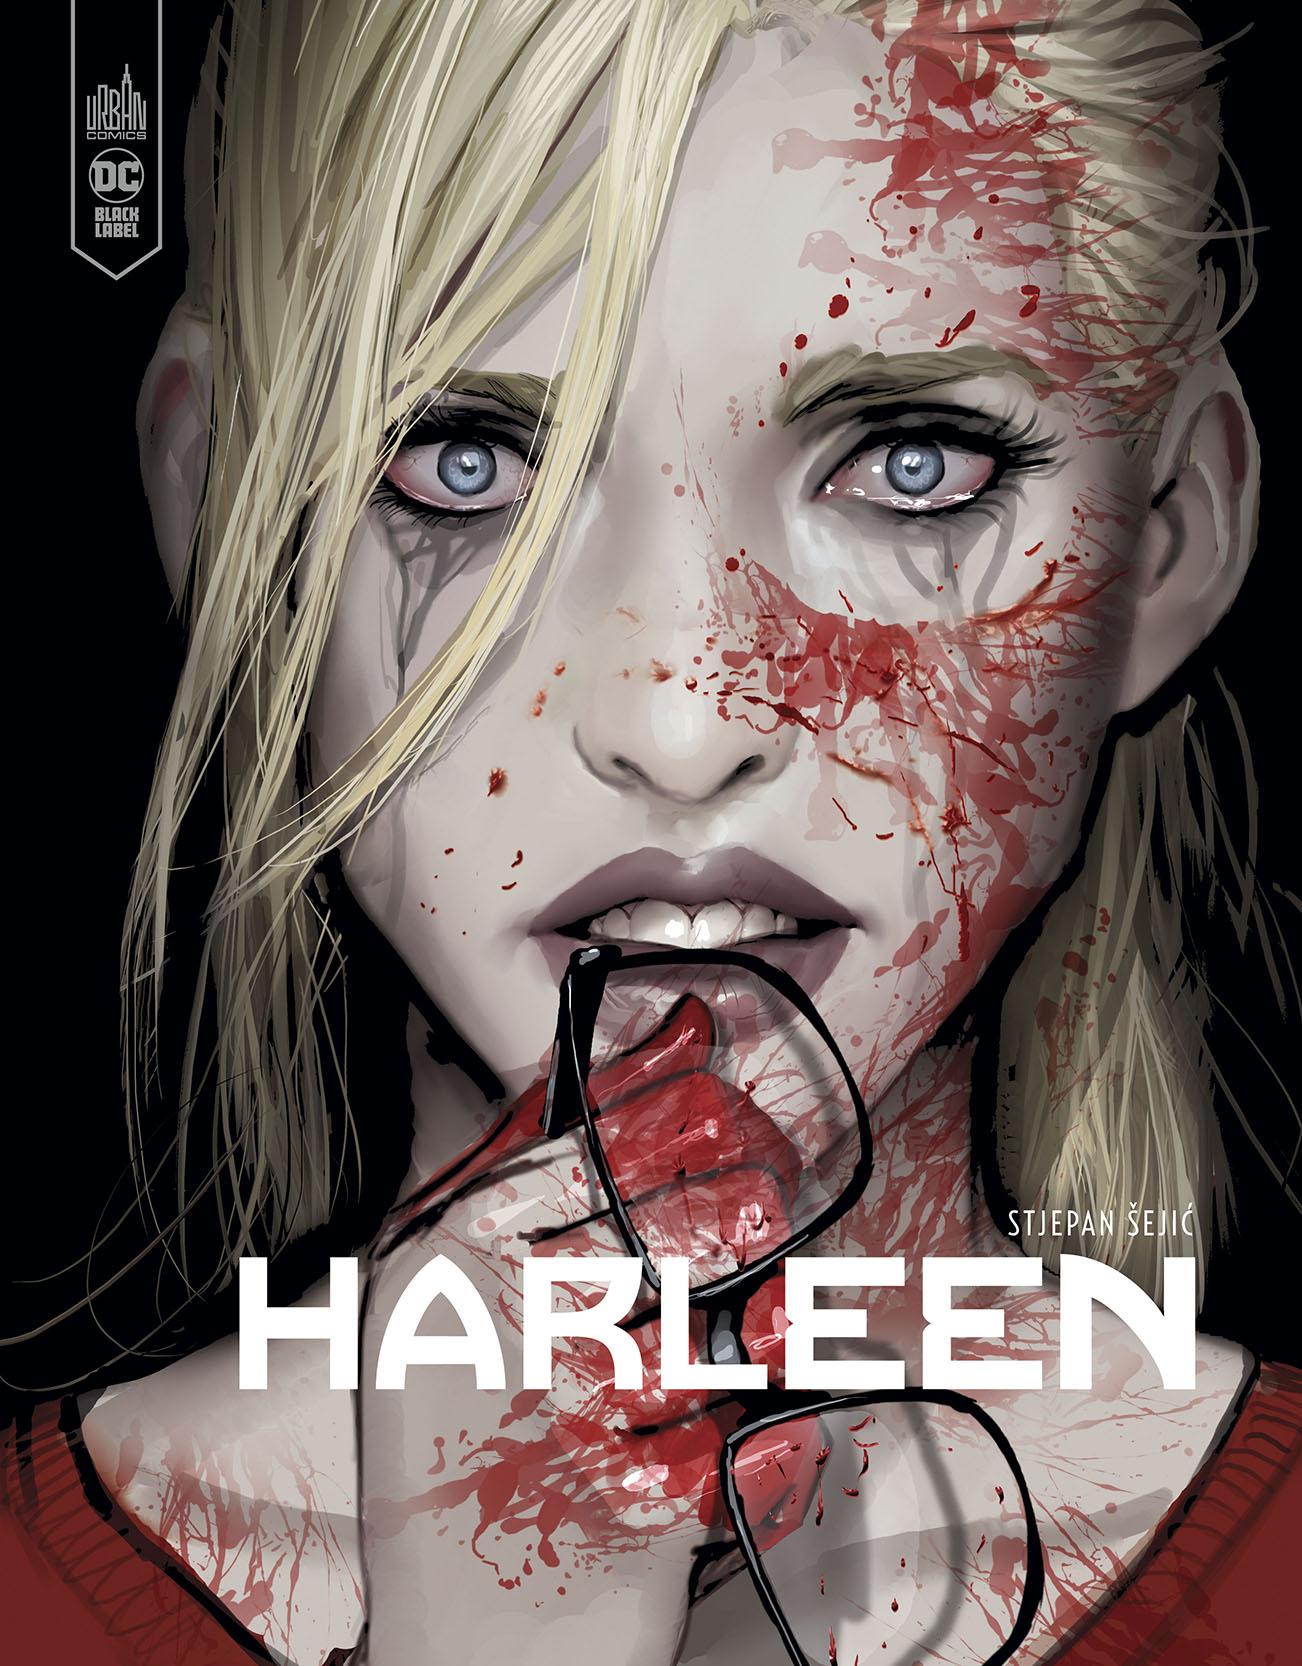 Harleen 1 - Harleen